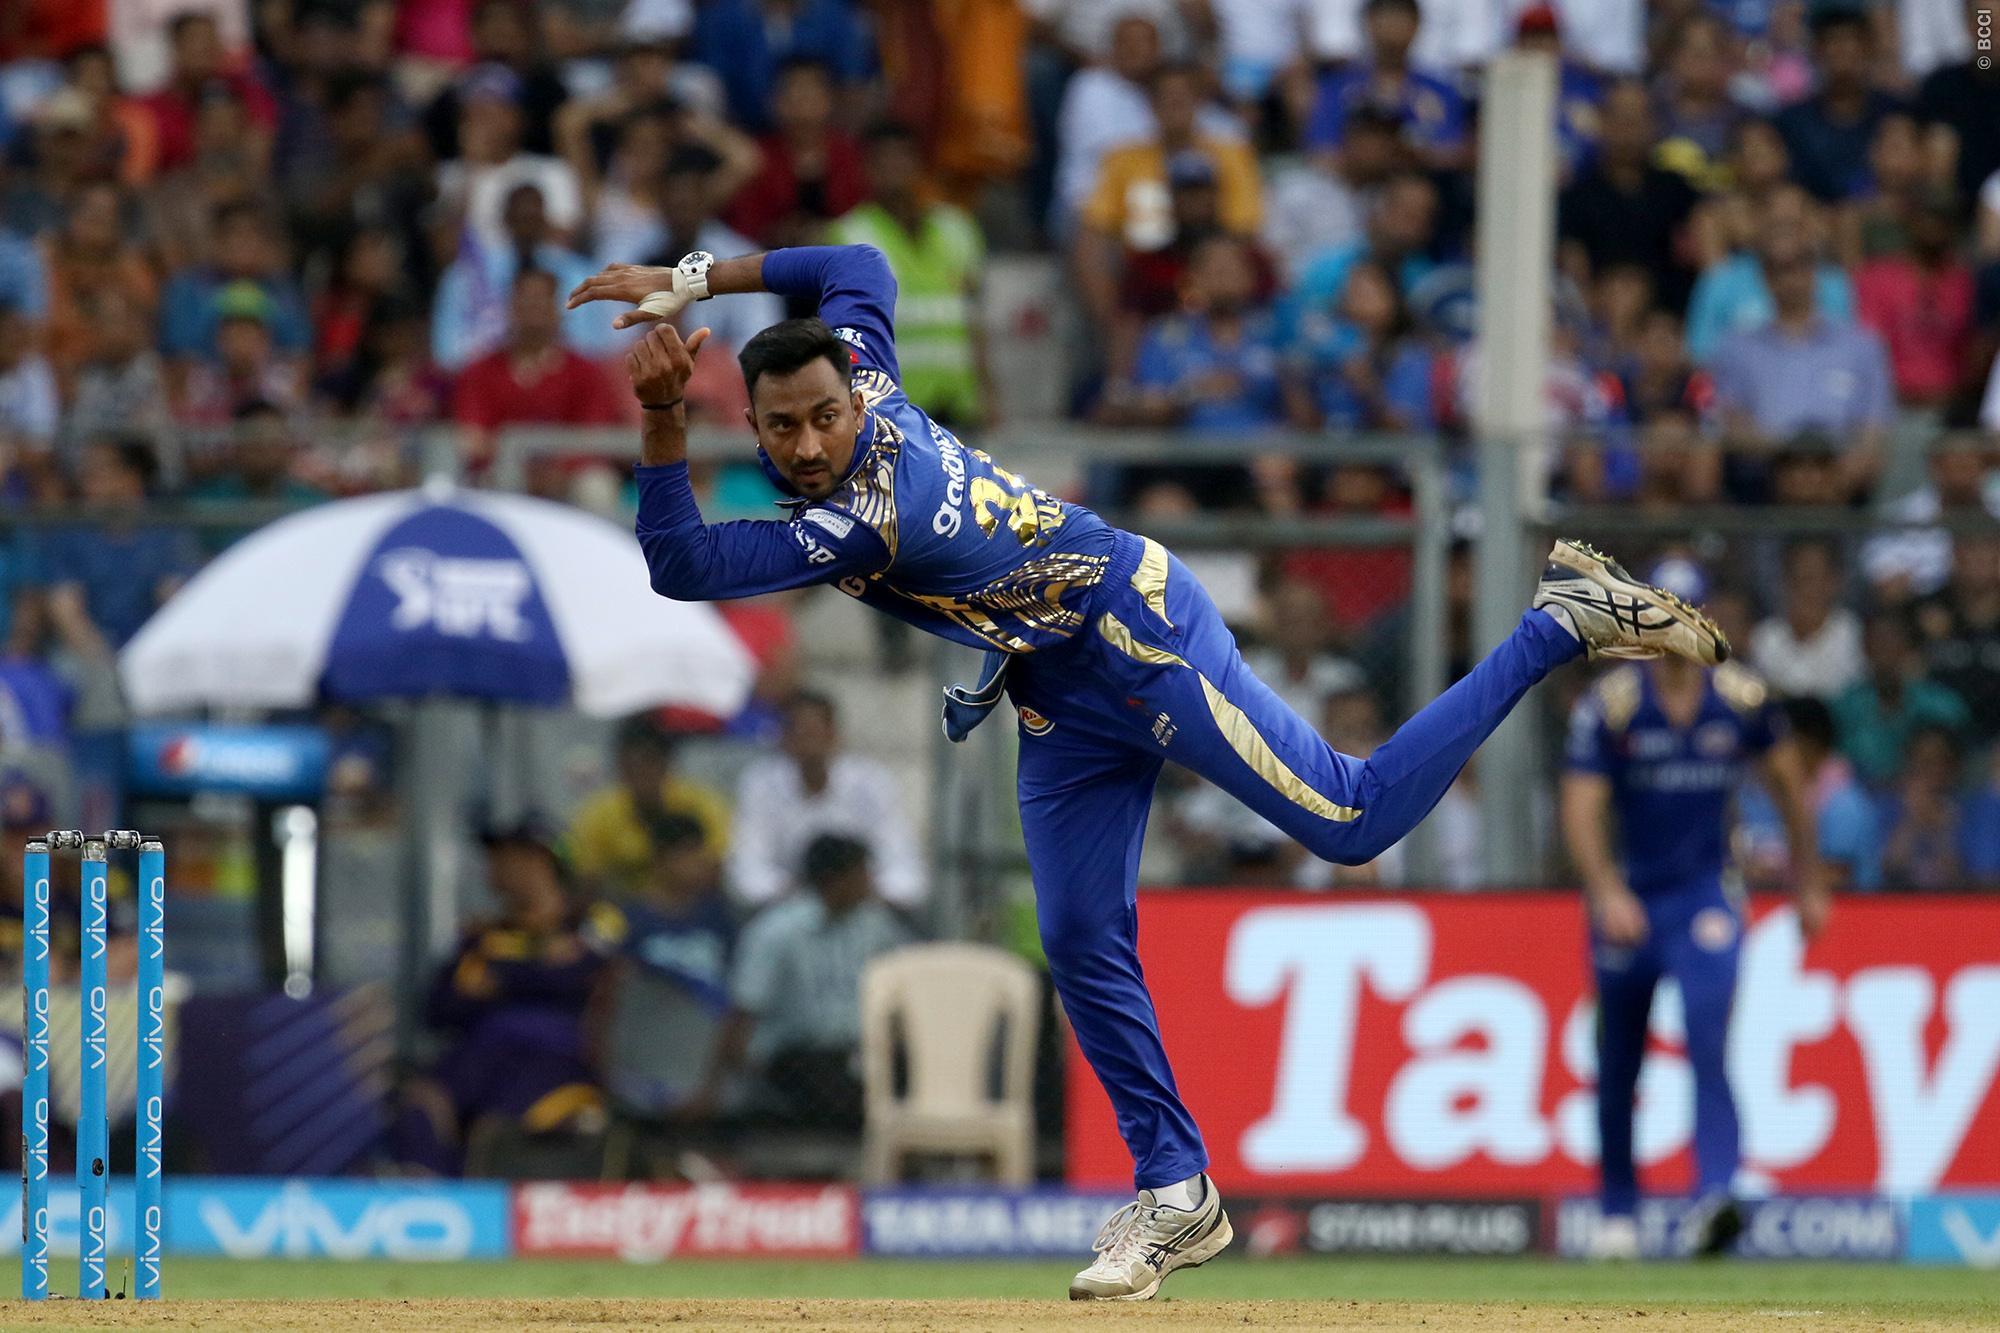 IPL 2018: दिल्ली डेयरडेविल्स के खिलाफ अंतिम ओवर में कृणाल पंड्या और रोहित शर्मा के बीच हुई थी मतभेद कूद पंड्या ने बताया वजह 14